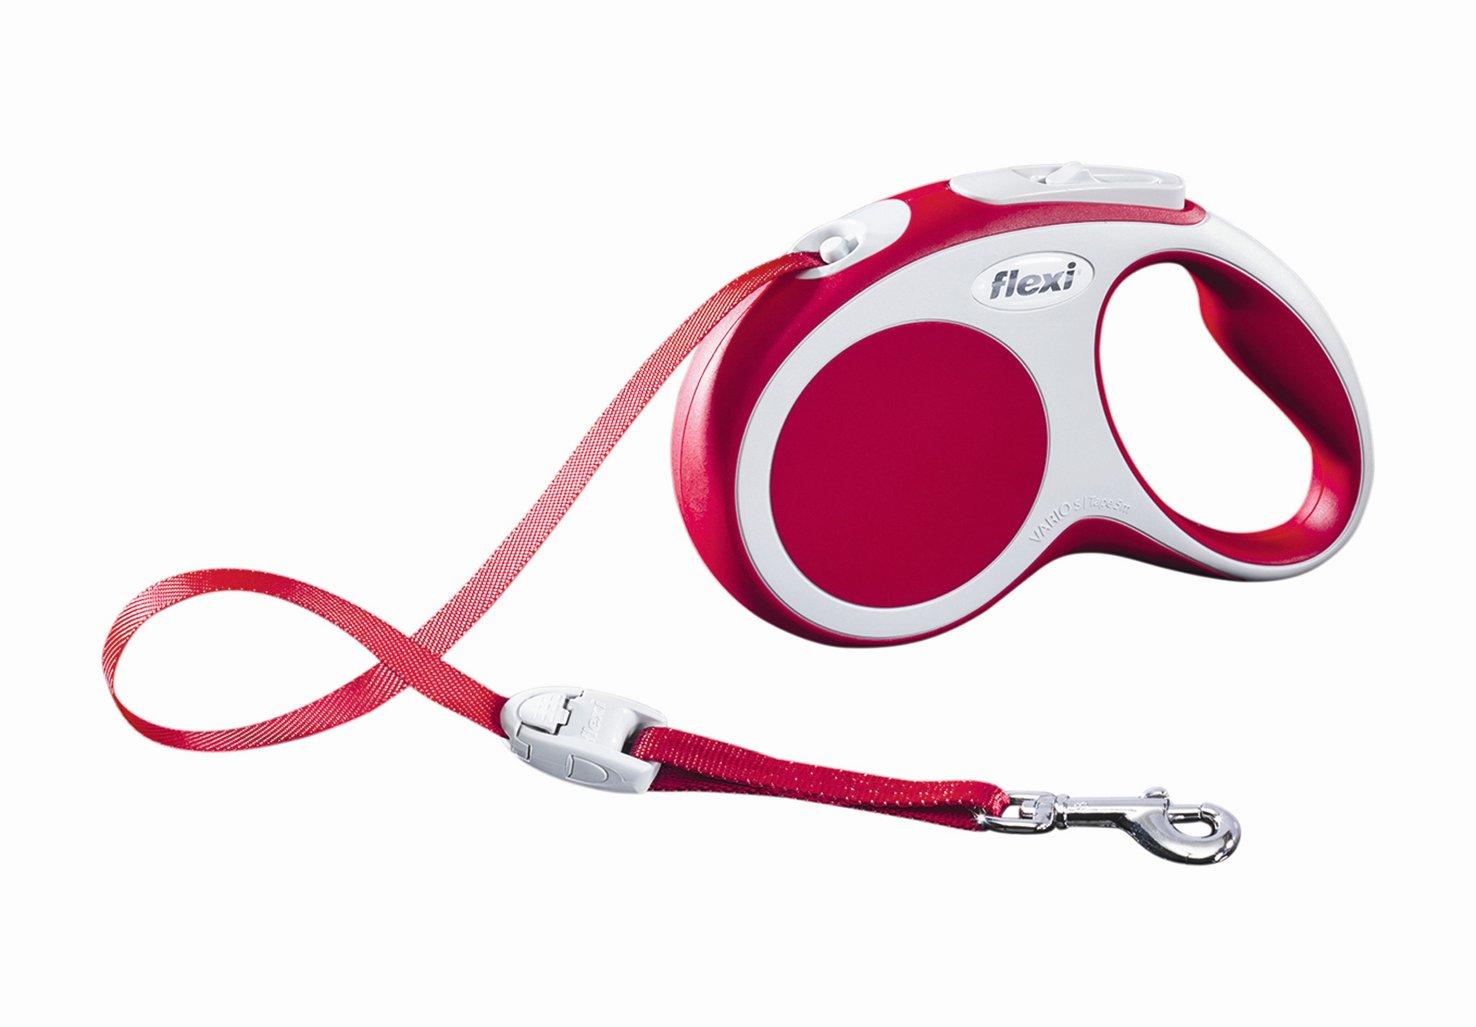 Поводок-рулетка Flexi Vario Compact S для собак до 15 кг, цвет: красный, 5 м019917Поводок-рулетка Flexi Vario Compact S изготовлен из пластика и нейлона. Ленточный поводок обеспечивает каждой собаке свободу движения, что идет на пользу здоровью и радует вашего четвероногого друга. Рулетка очень проста в использовании, оснащена кнопками кратковременной и постоянной фиксации. Ее можно оснастить - мультибоксом для лакомств или пакетиков для сбора фекалий, LED подсветкой корпуса, своркой или ремнем с LED подсветкой. Поводок имеет прочный корпус, хромированную застежку и светоотражающие элементы. Длина поводка: 5 м. Максимальная нагрузка: 15 кг. Товар сертифицирован.